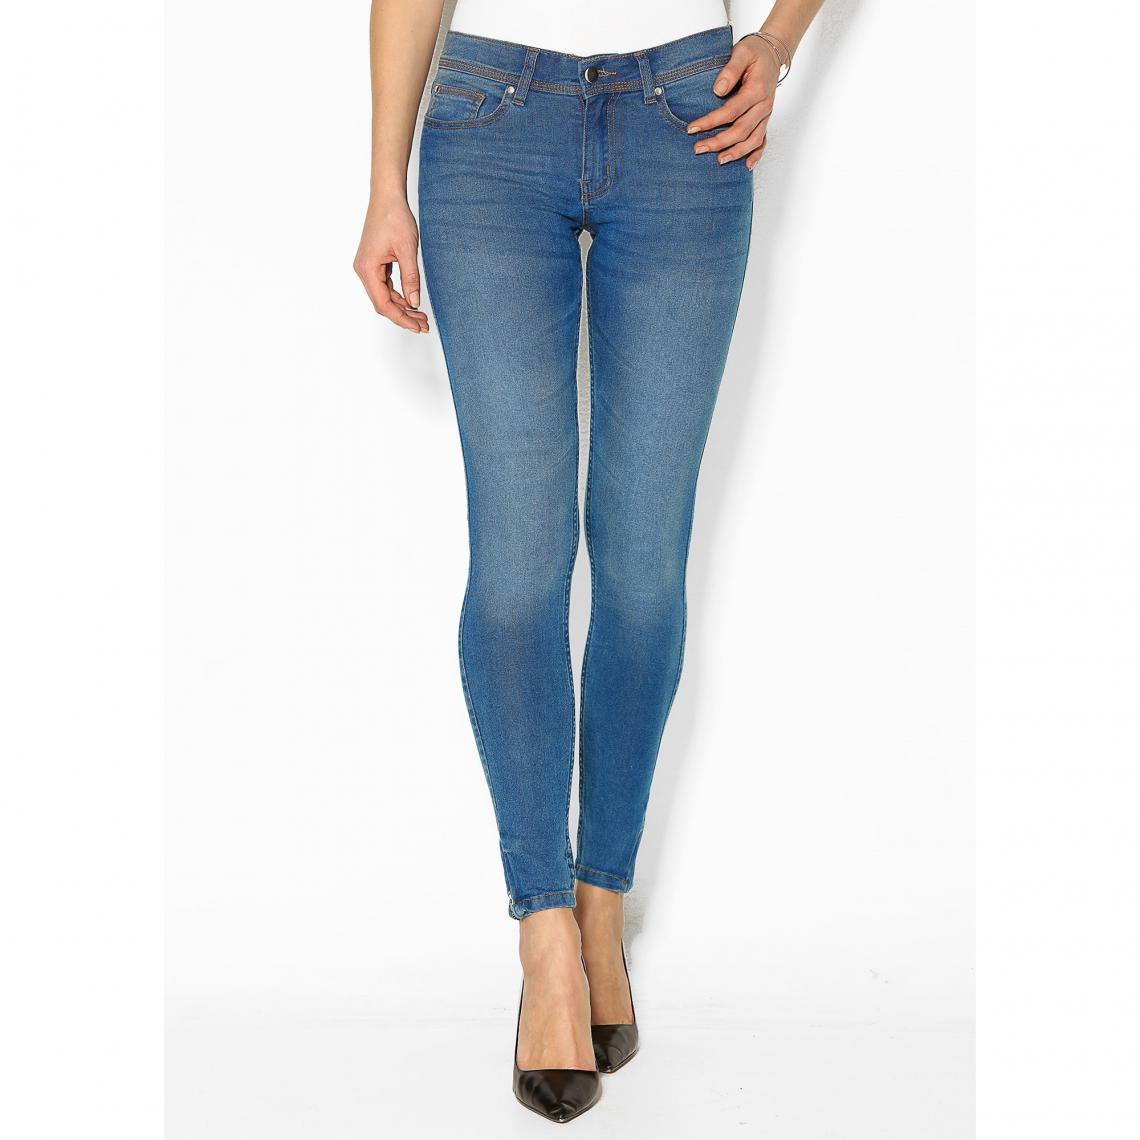 Jean bas zippés femme - Bleu - 3 SUISSES - Modalova